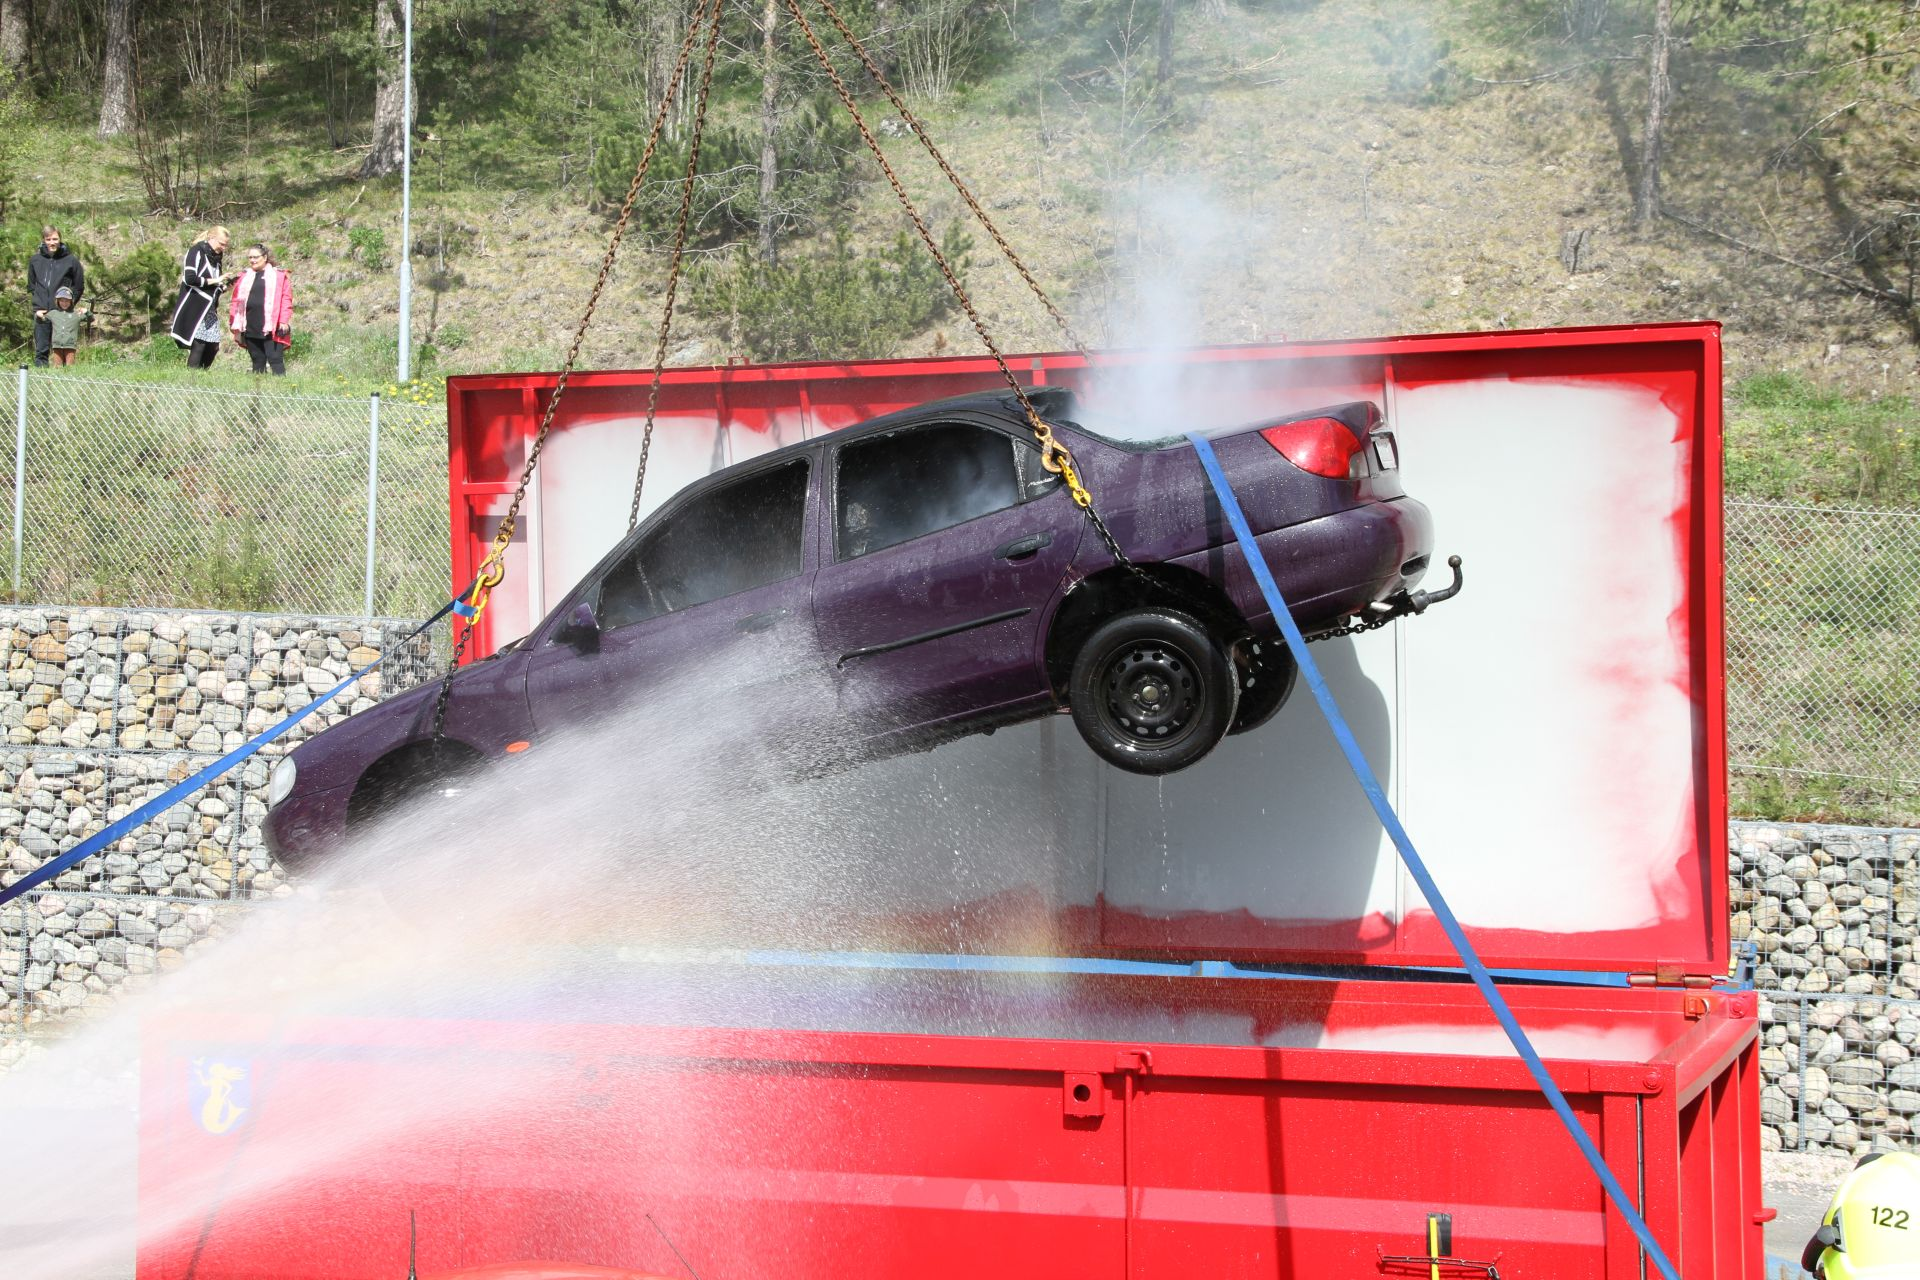 Päijät-Hämeen pelastuslaitos harjoittelemassa sähköauton akkupalon sammuttamista. Auto nostetaan kokonaisuudessaan konttiin vesijäähdytykseen. Kuva: Marko Nieminen / Päijät-Hämeen pelastuslaitos